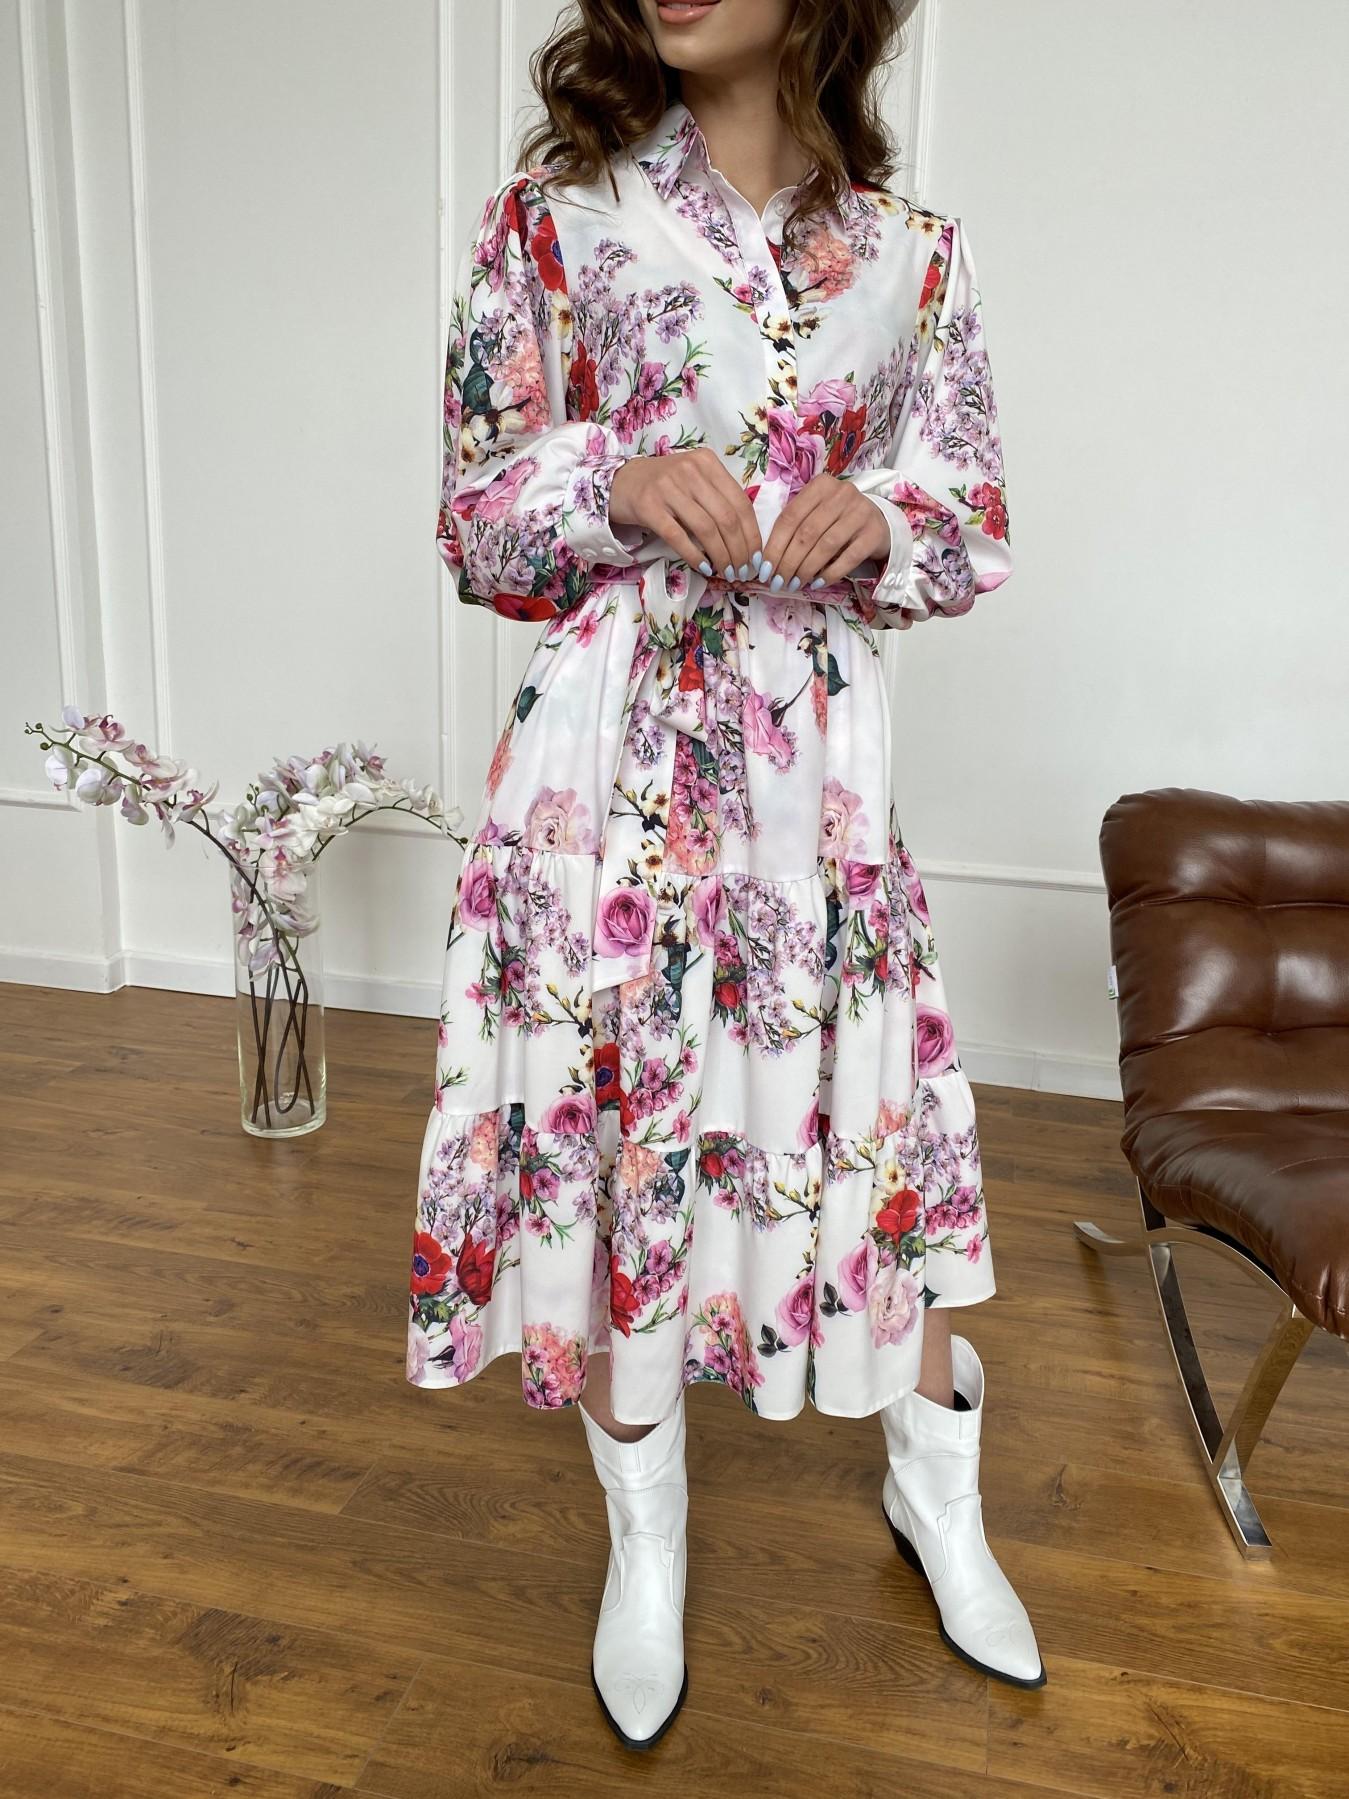 Лилия платье  софт принт бистрейч 11171 АРТ. 47709 Цвет: ВесенБукетМол/Роз/Крас - фото 8, интернет магазин tm-modus.ru